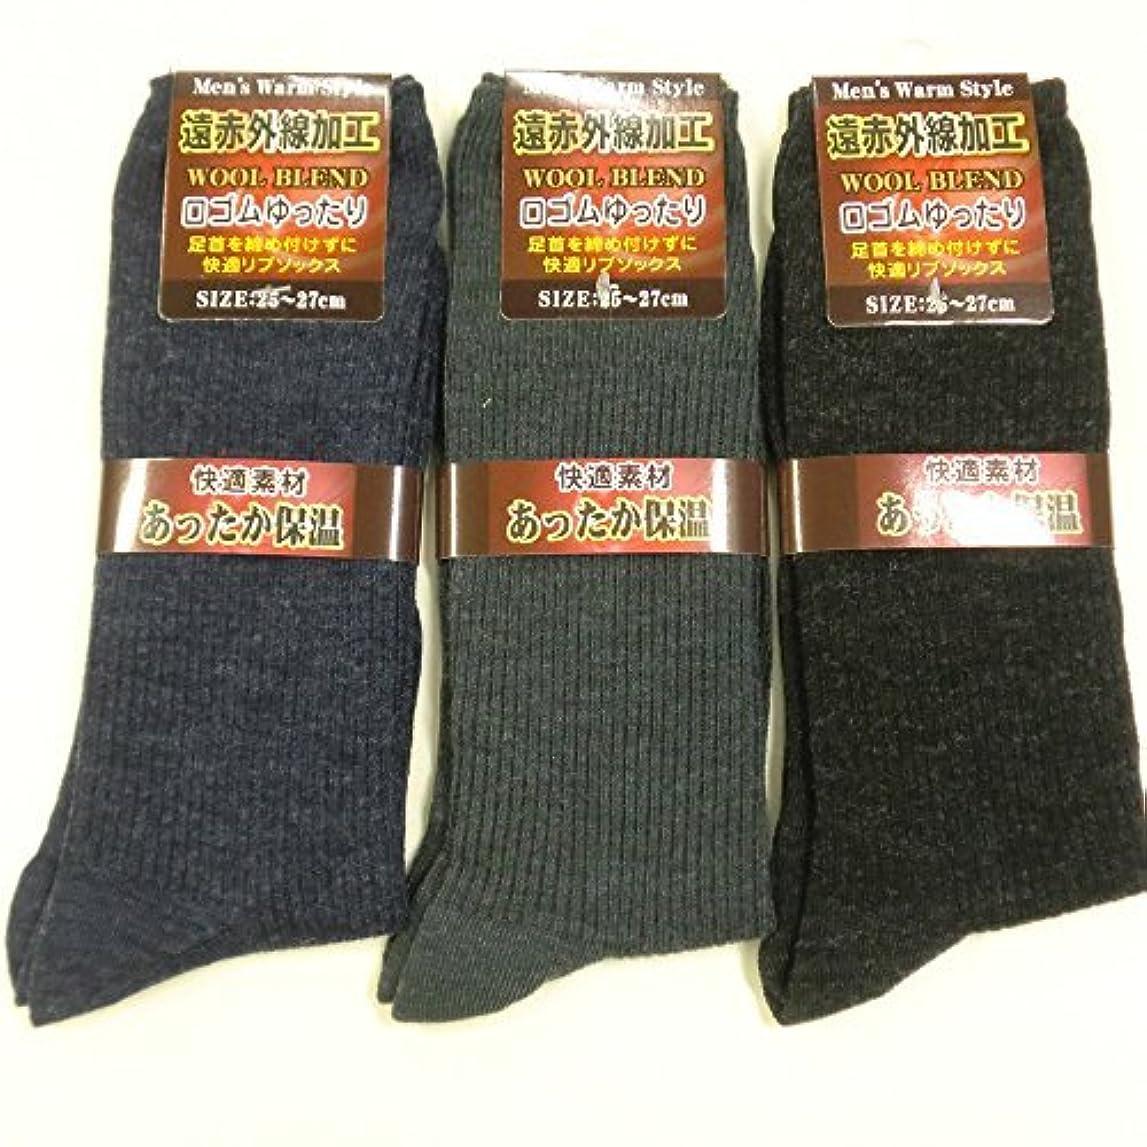 甘味ぐったりええ靴下 メンズ あったか保温 ビジネスソックス 毛混 遠赤外線加工 3足組 (色はお任せ)